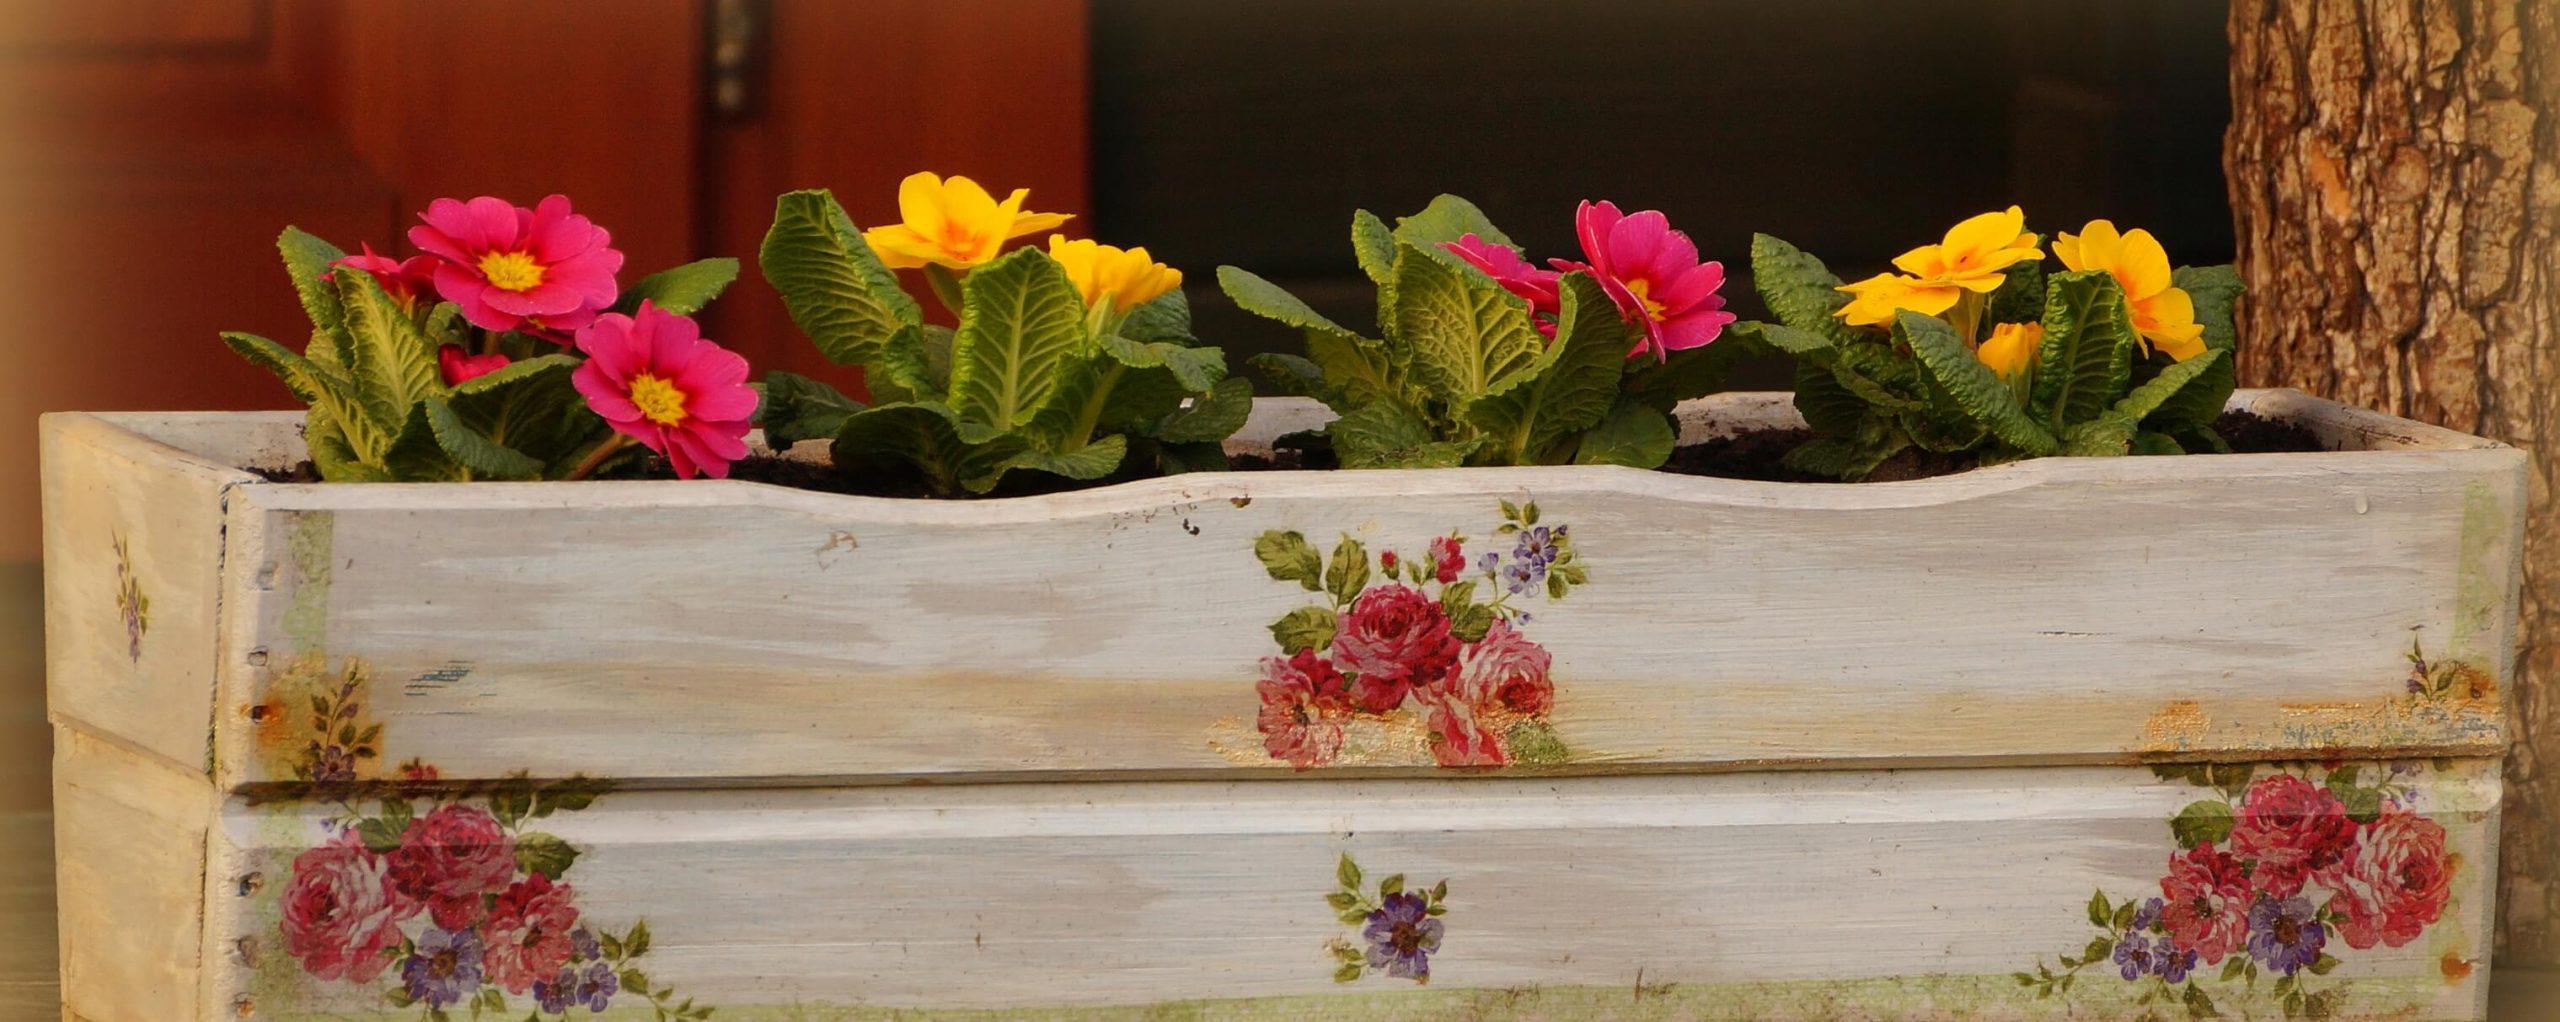 Primula vulgaris, Primula acaulis – pierwiosnek zwyczajny, pierwiosnek bezłodygowy